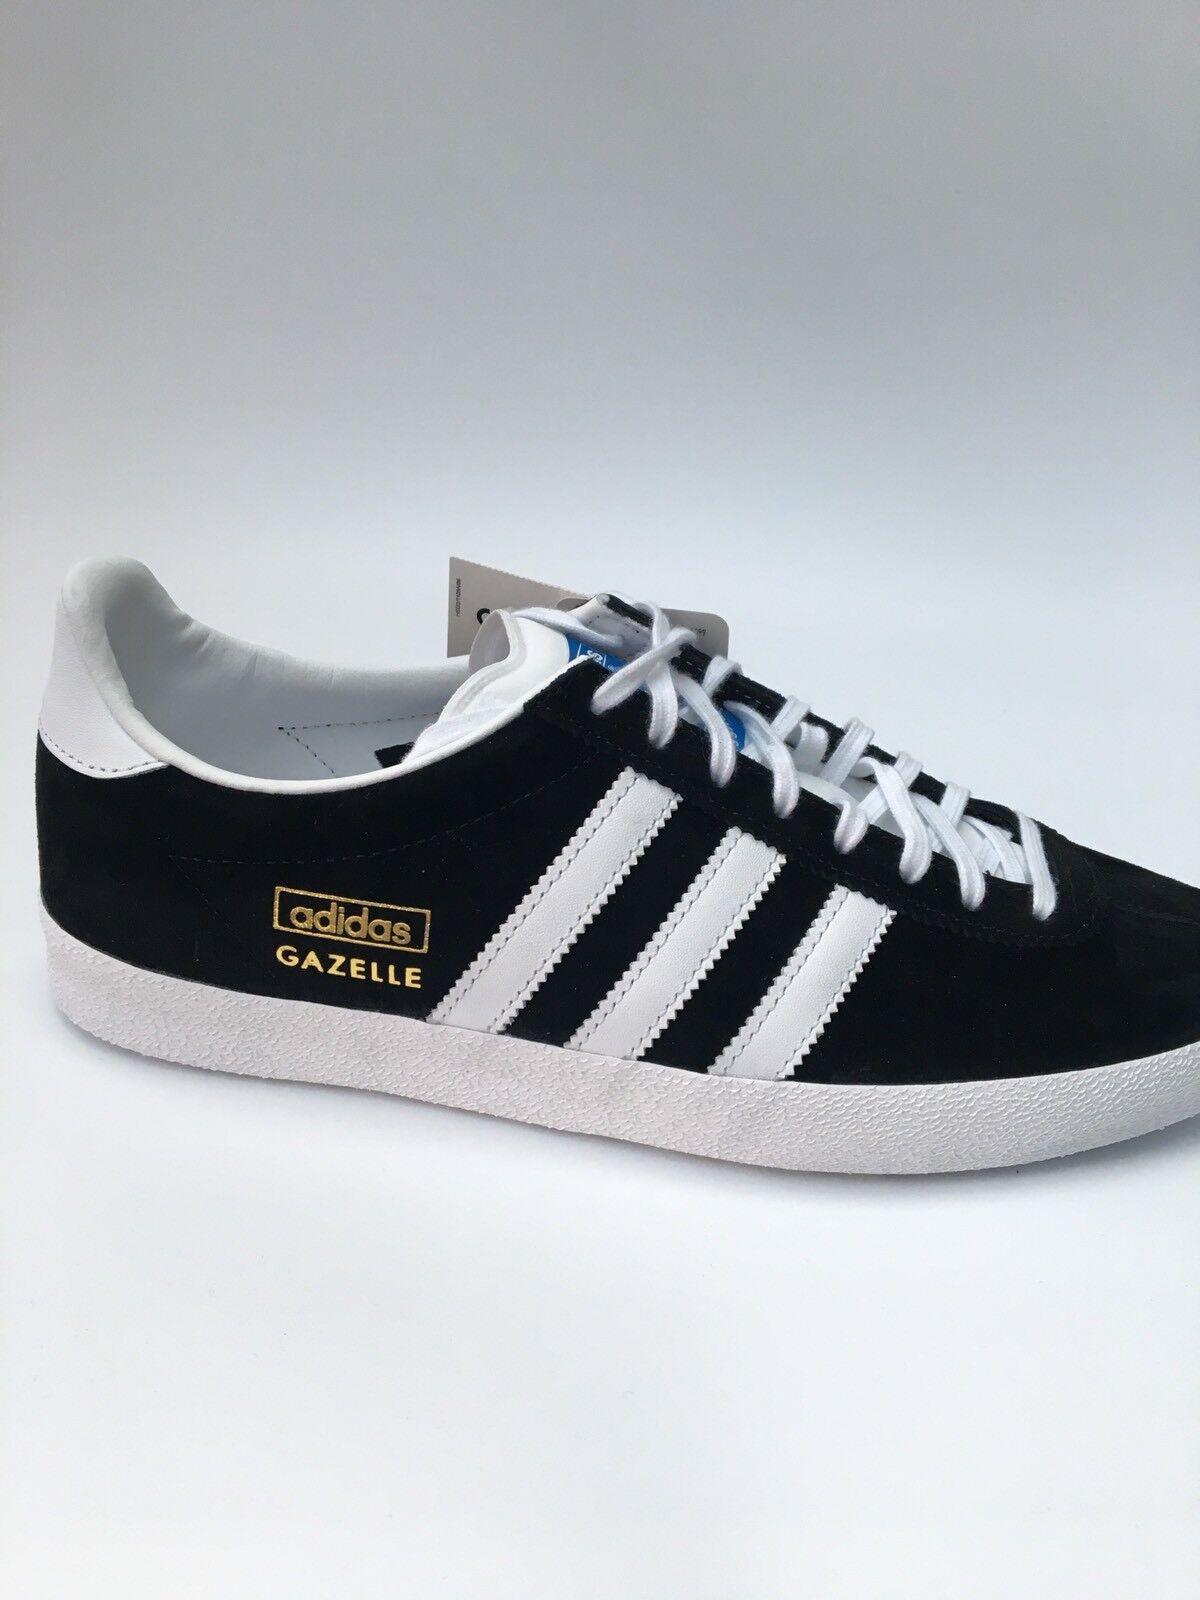 Adidas Adidas Adidas Original Gazelle OG Zapatillas Negro Nuevo En Caja-G13265 7700bc